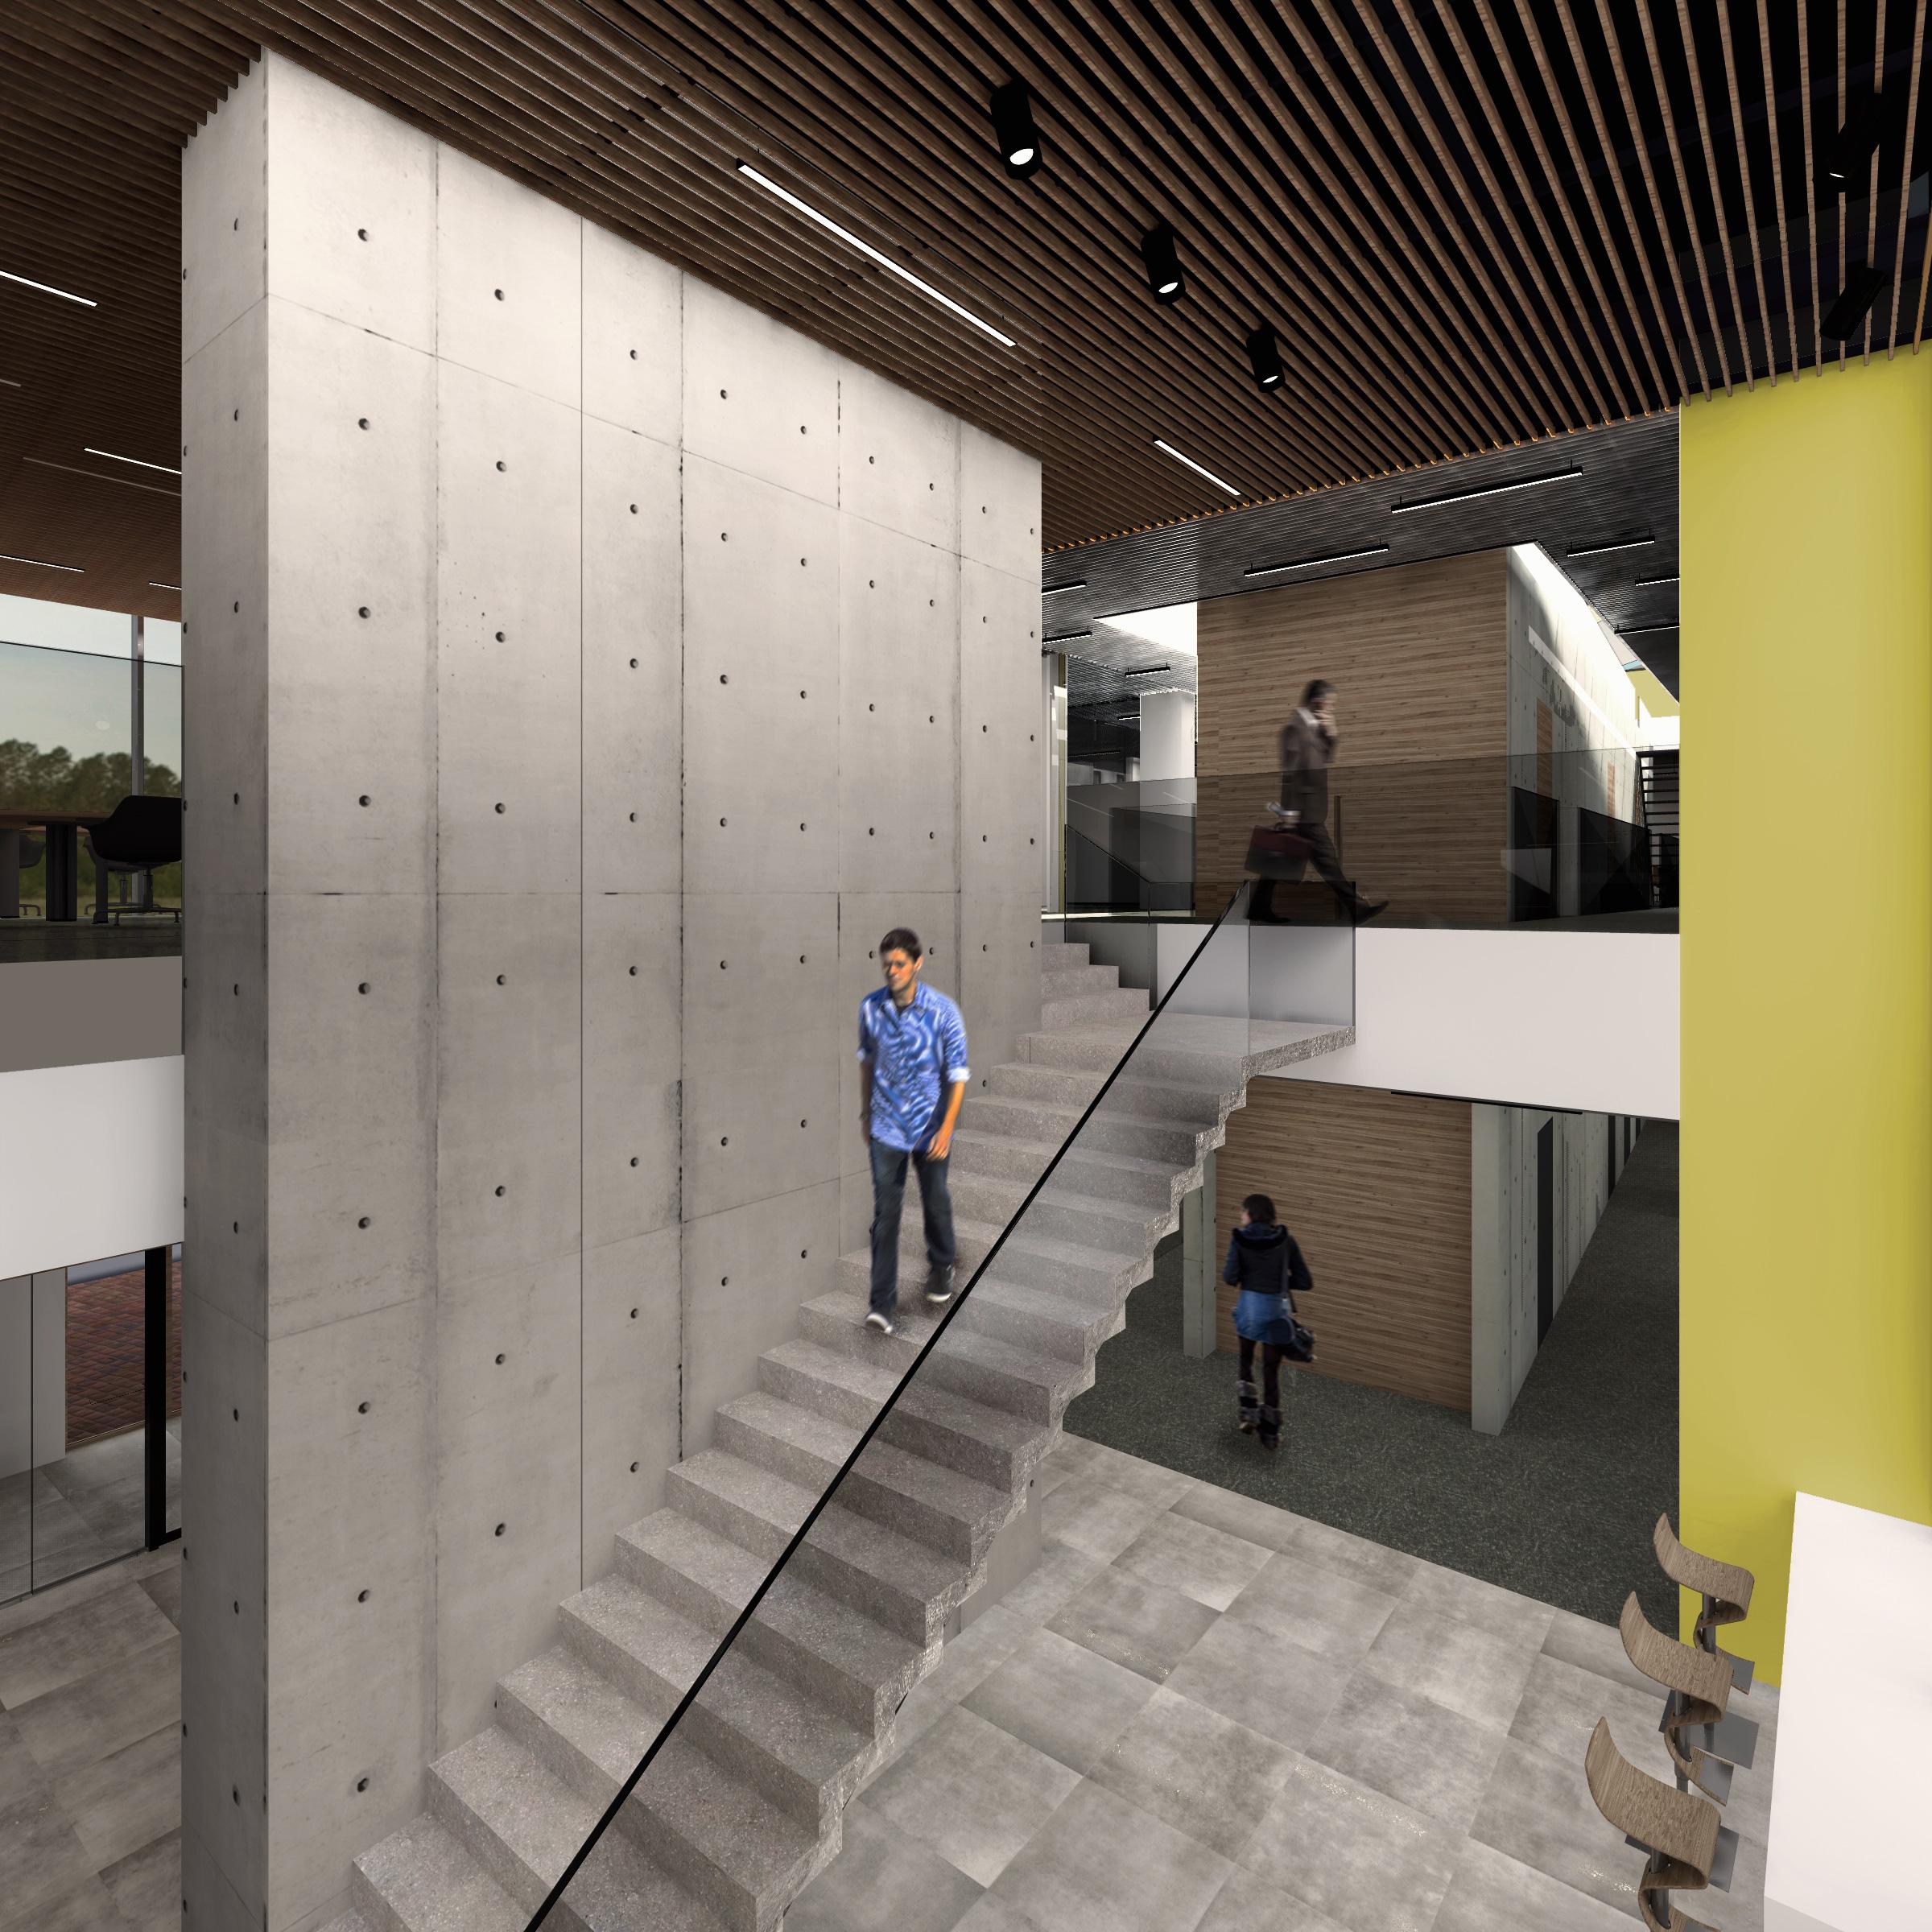 bergerat monnoyeur, budynek biurowo-serwisowy, wnetrze, caterpillar, 2015, schody, szklo, beton, atelierps